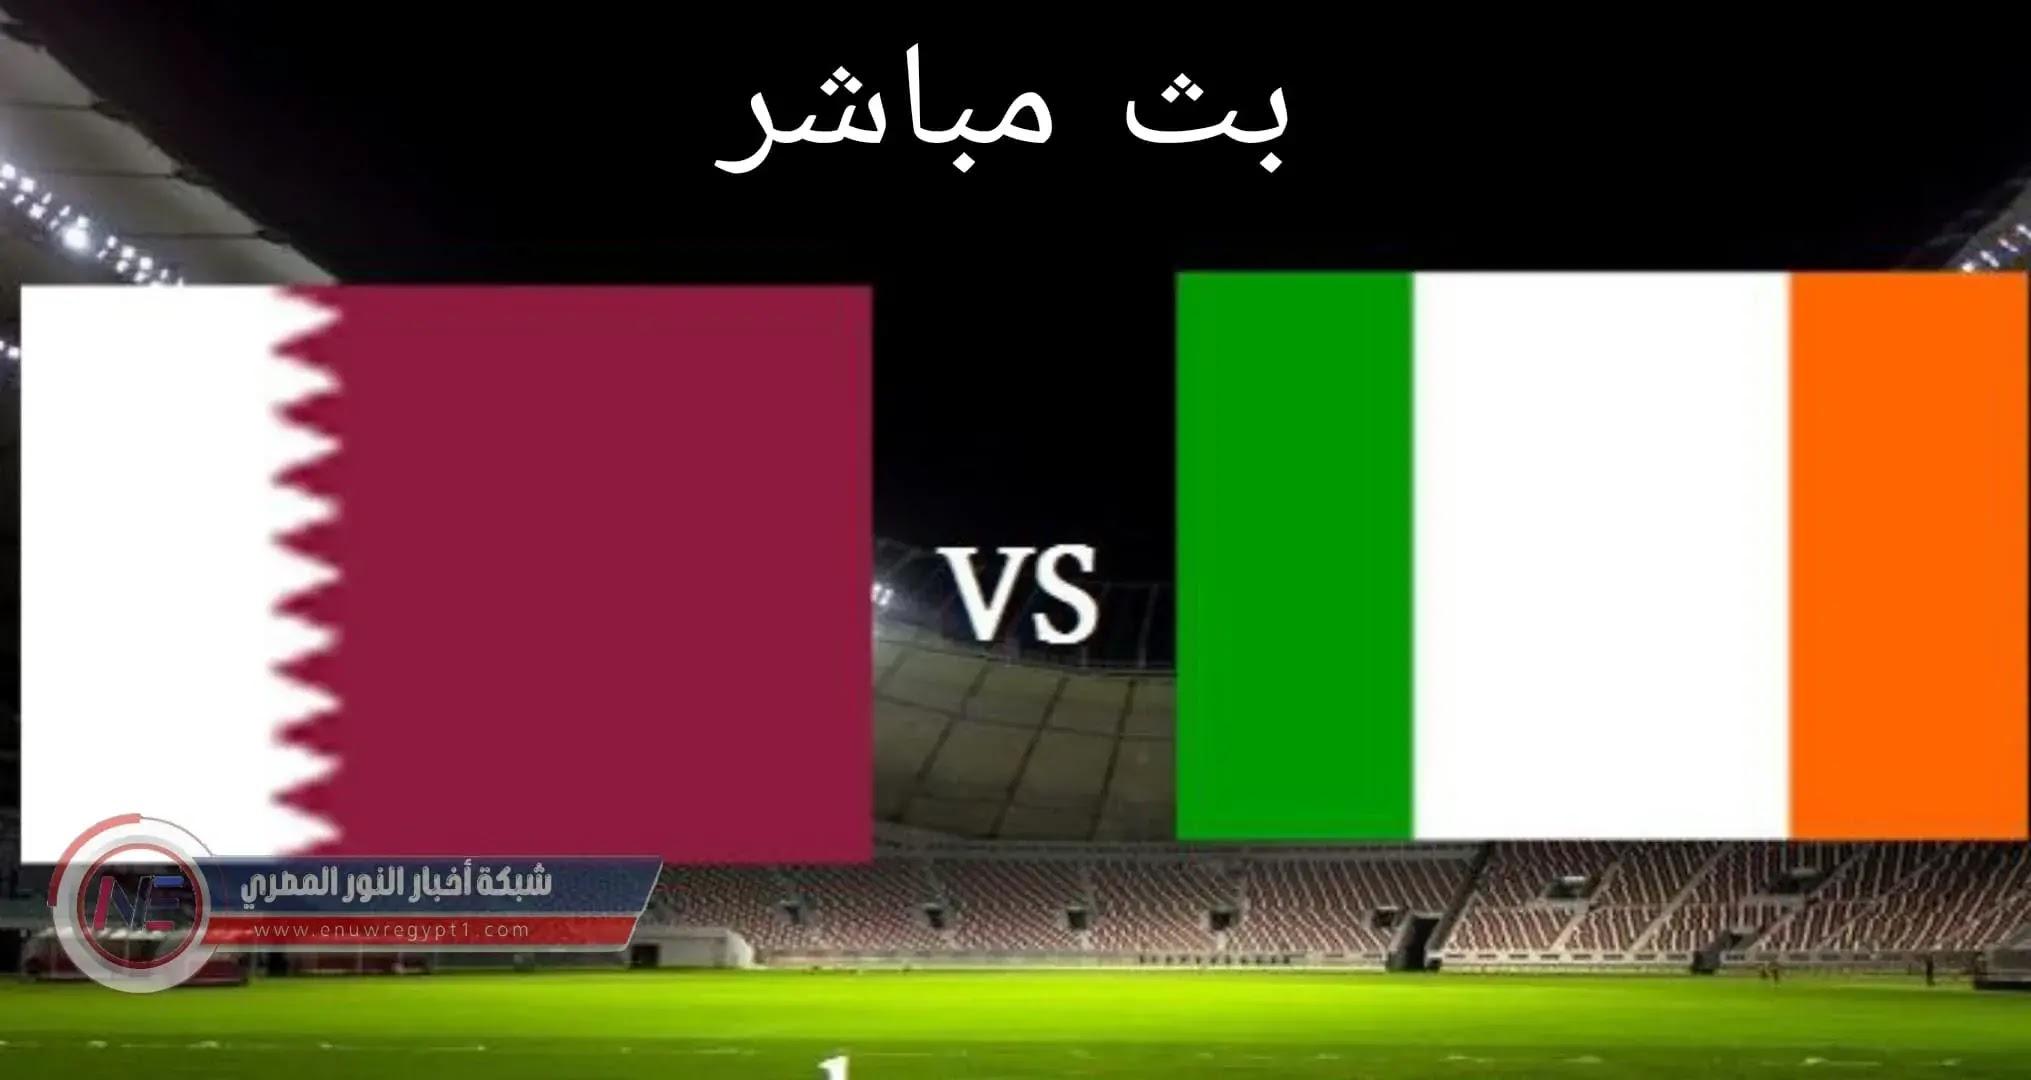 بث مباشر كورة لايف يوتيوب .. مشاهدة مباراة قطر و إيرلندا بث مباشر اليوم 12-10-2021 لايف في تصفيات كأس العالم بجودة عالية